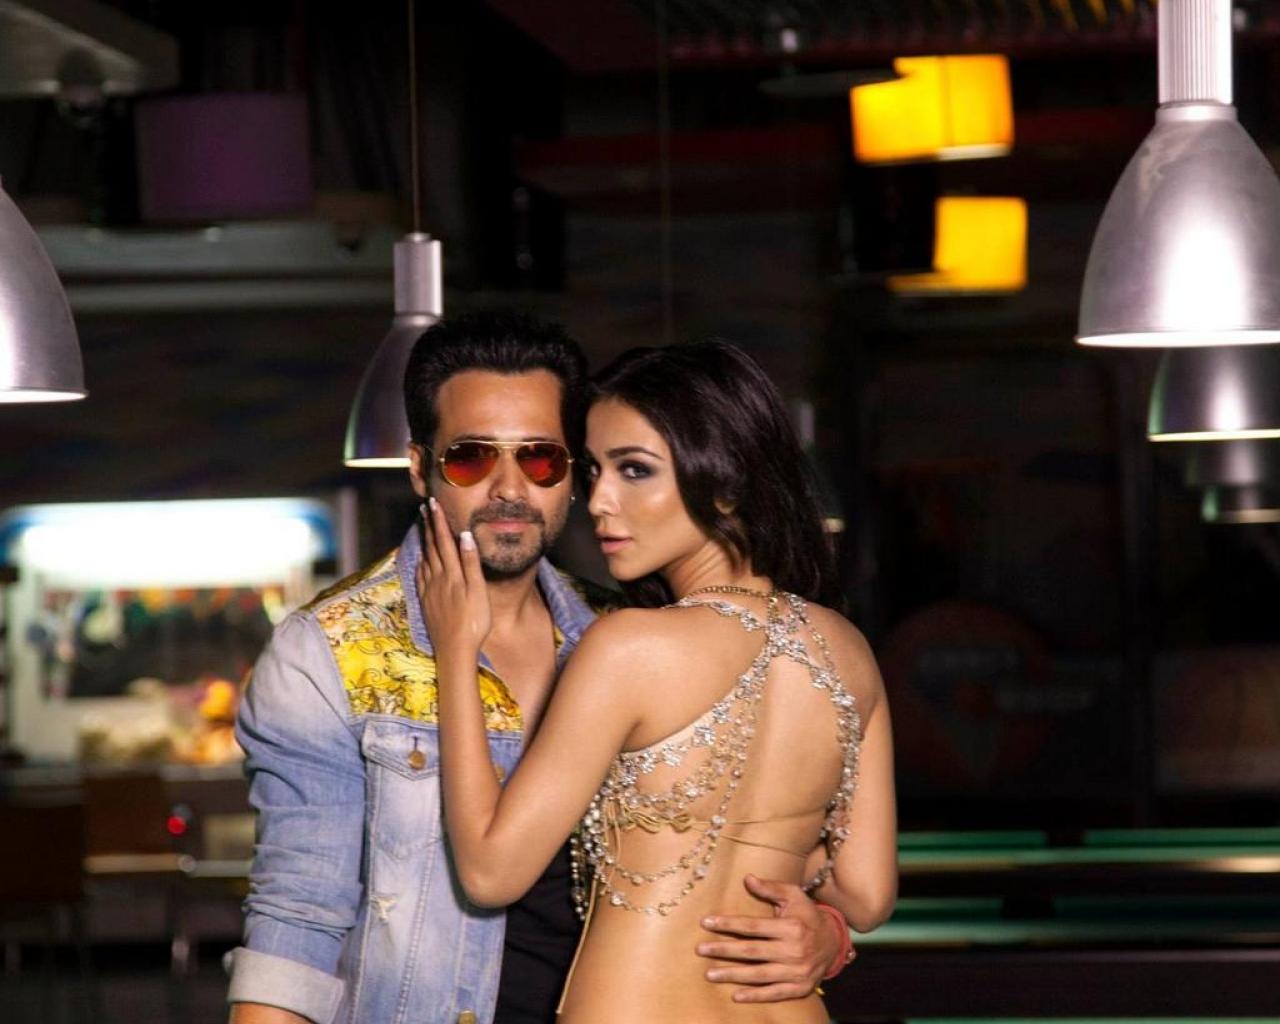 Humaima Malik Sexy Pics Top download humaima malik photoshoot 1280x1024 resolution, hd wallpaper